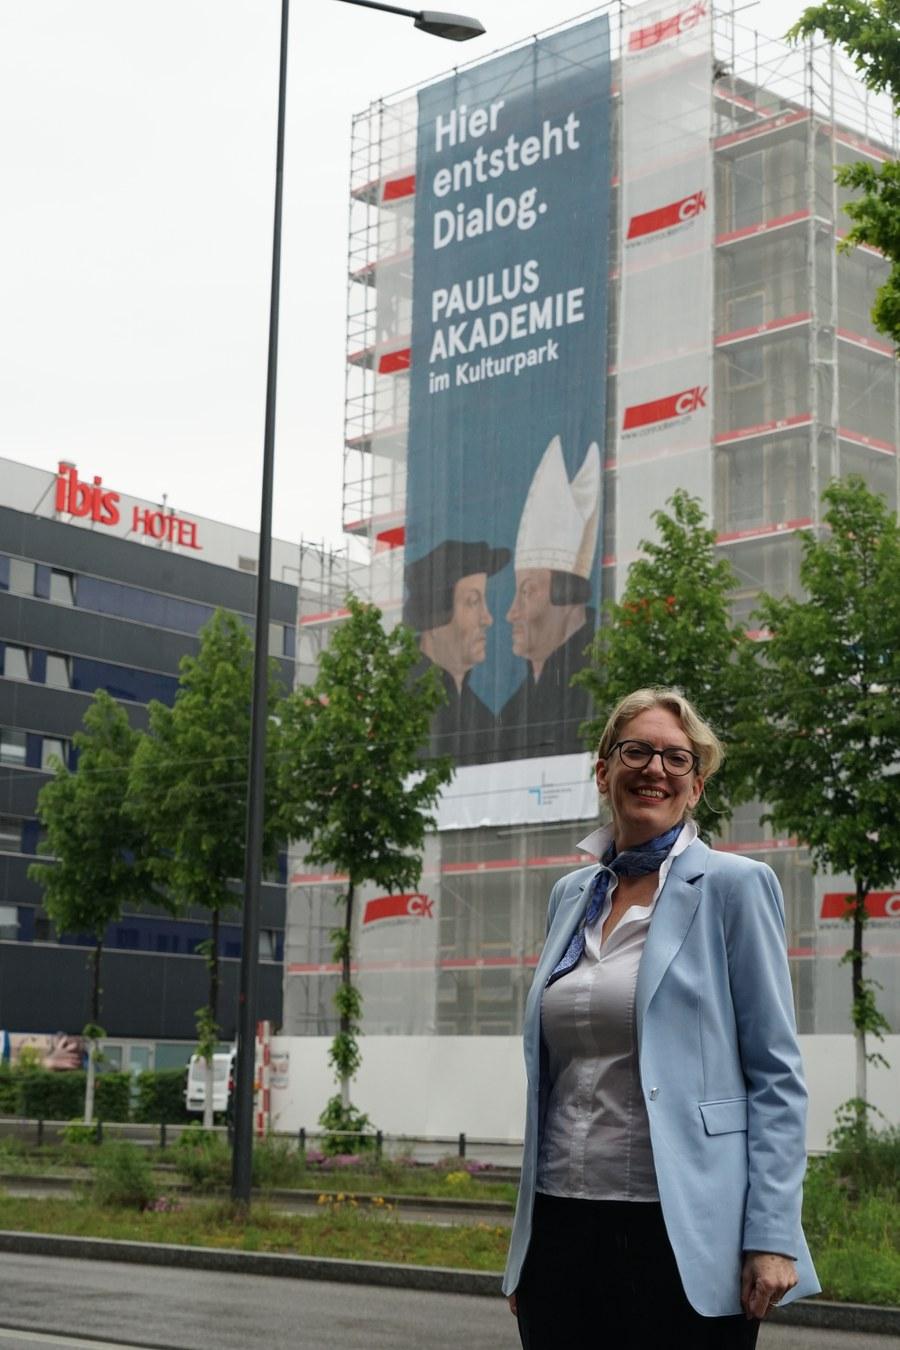 Zwingli plakat paulus akademie FOTO SPENGLER (23).JPG